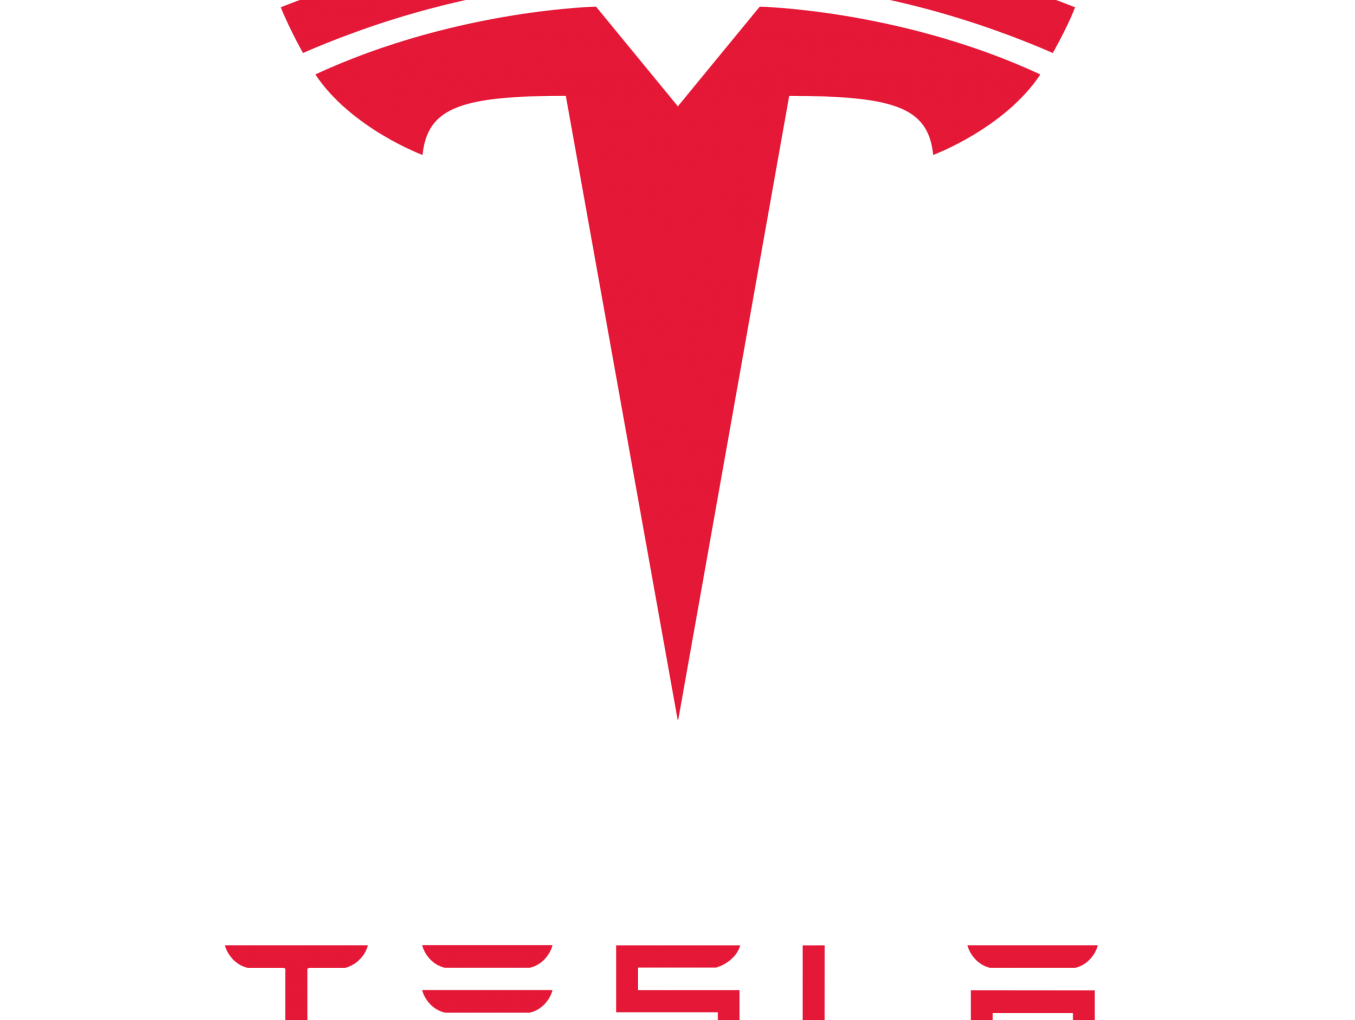 Should You Make A Tesla Reservation to Make Minimum Spend?